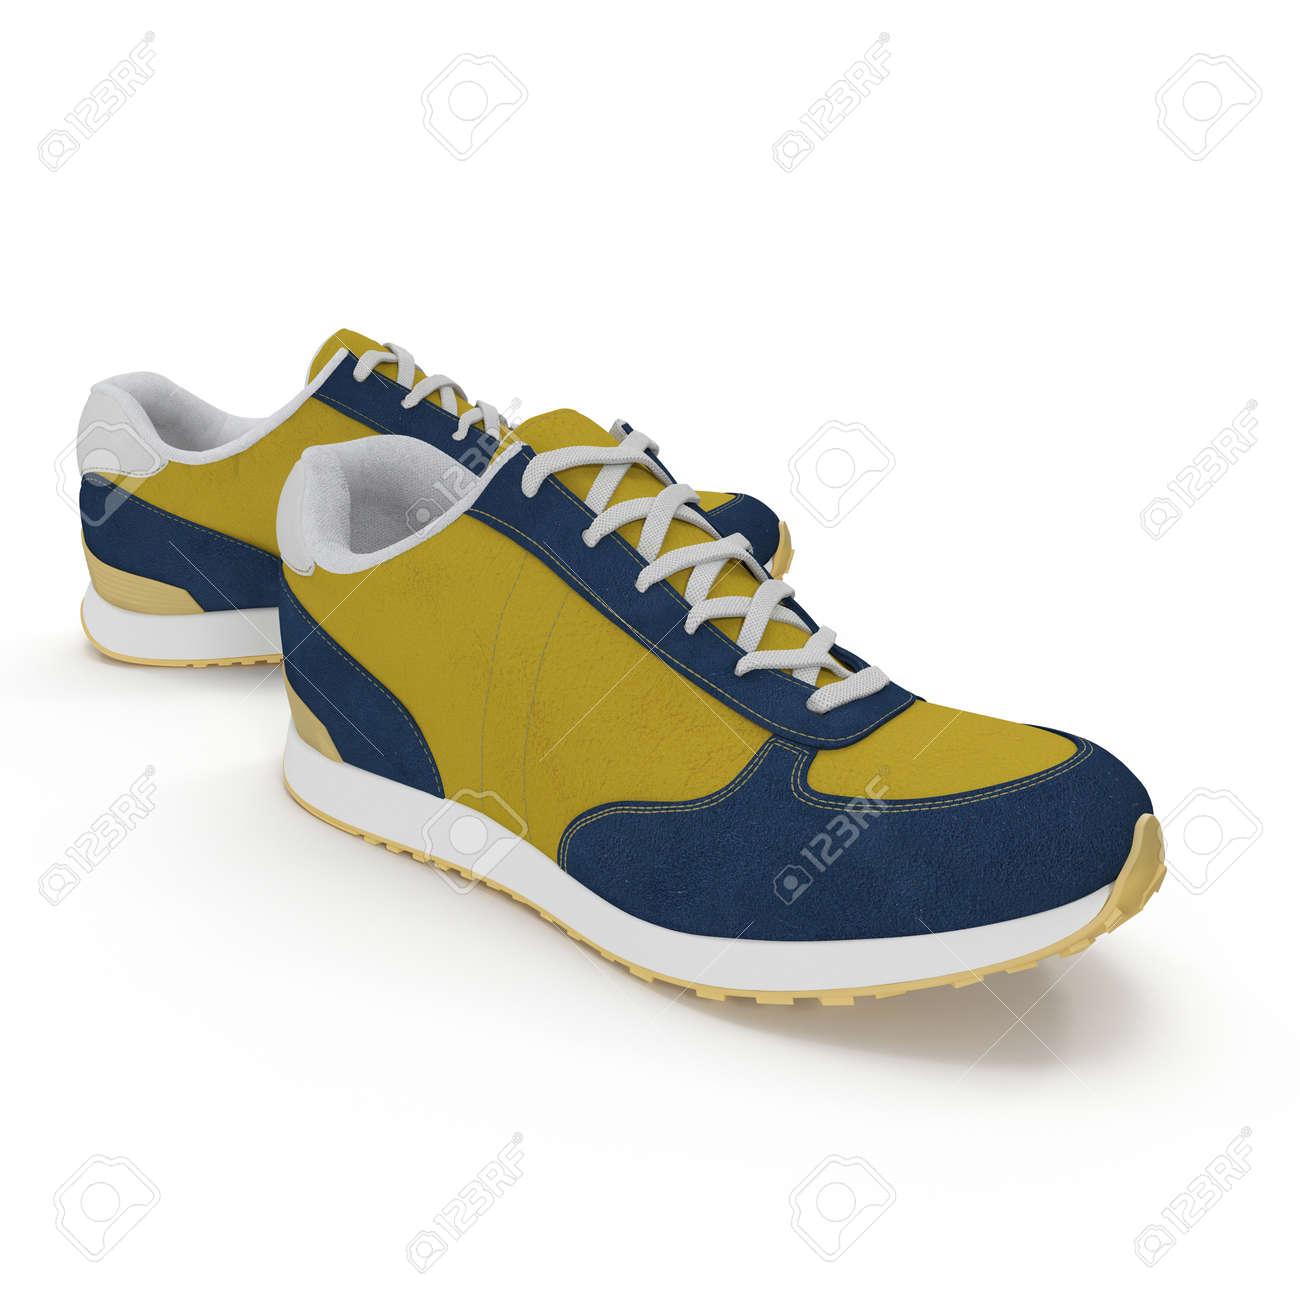 d116cd51bffa7 Foto de archivo - Nuevo zapato